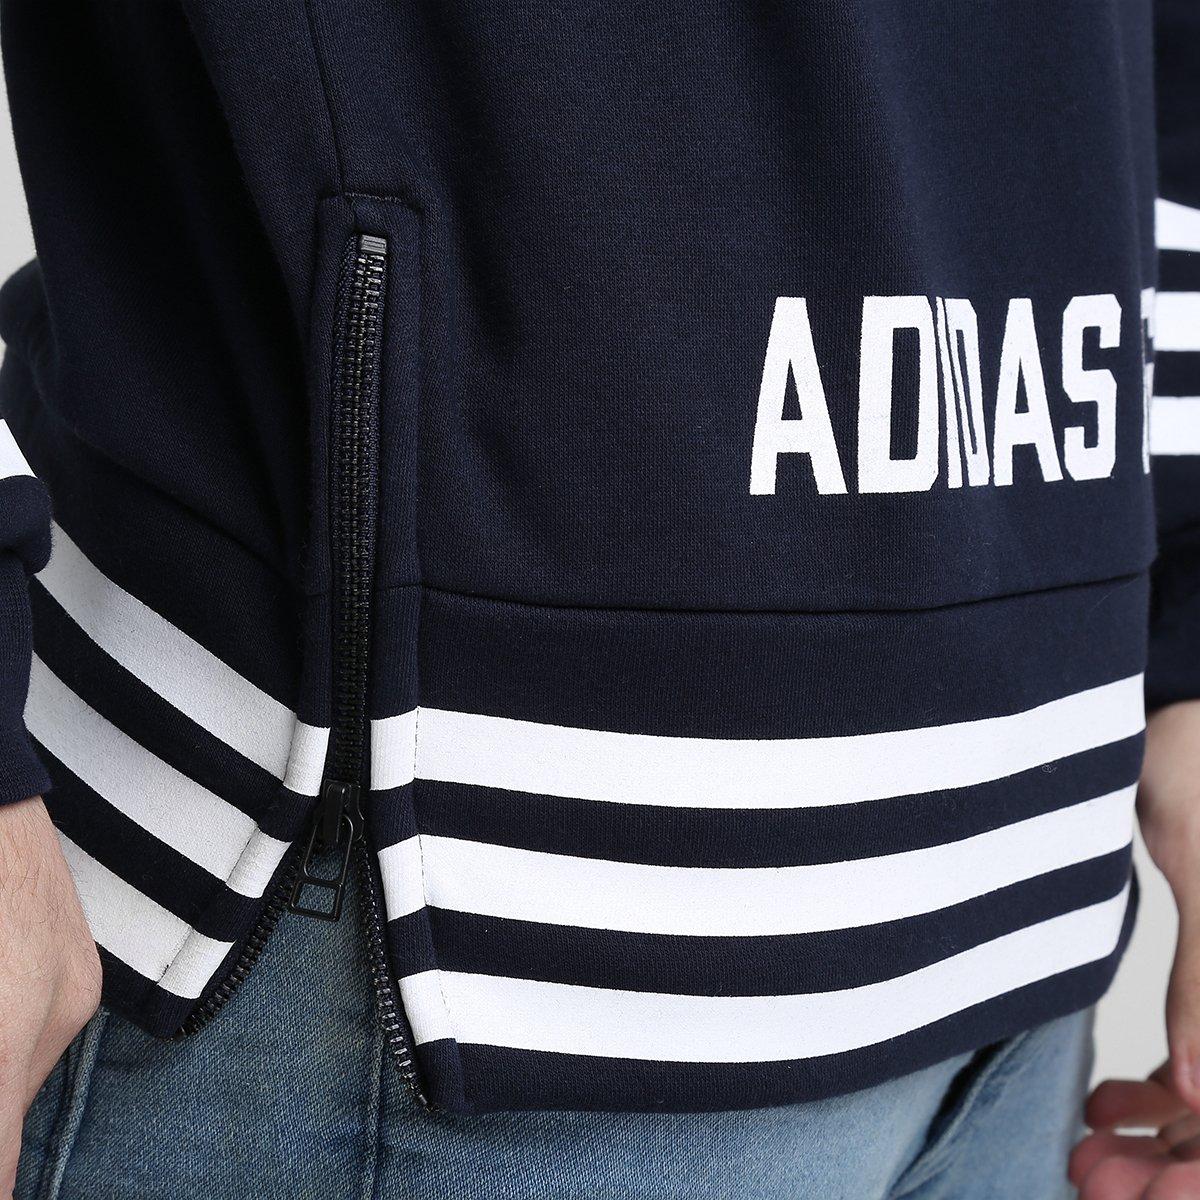 Moletom Adidas Street Grp Crew - Compre Agora  ad43a0c832e3c